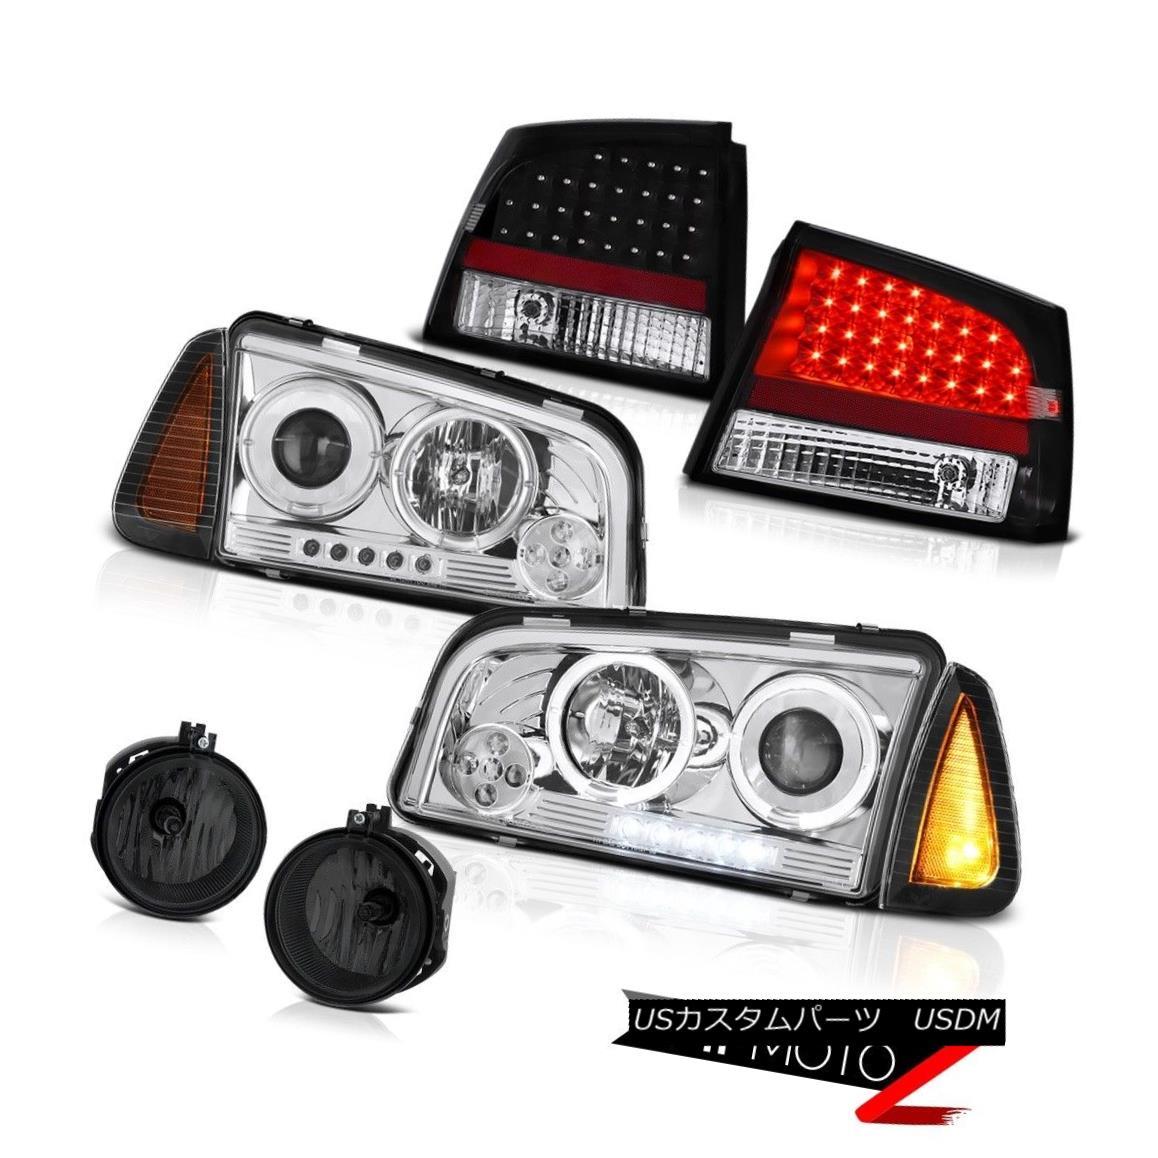 テールライト 06-08 Dodge Charger 2.7L Fog lamps black tail brake lights turn signal headlamps 06-08ダッジチャージャー2.7Lフォグランプブラックテールブレーキライト信号ヘッドランプ